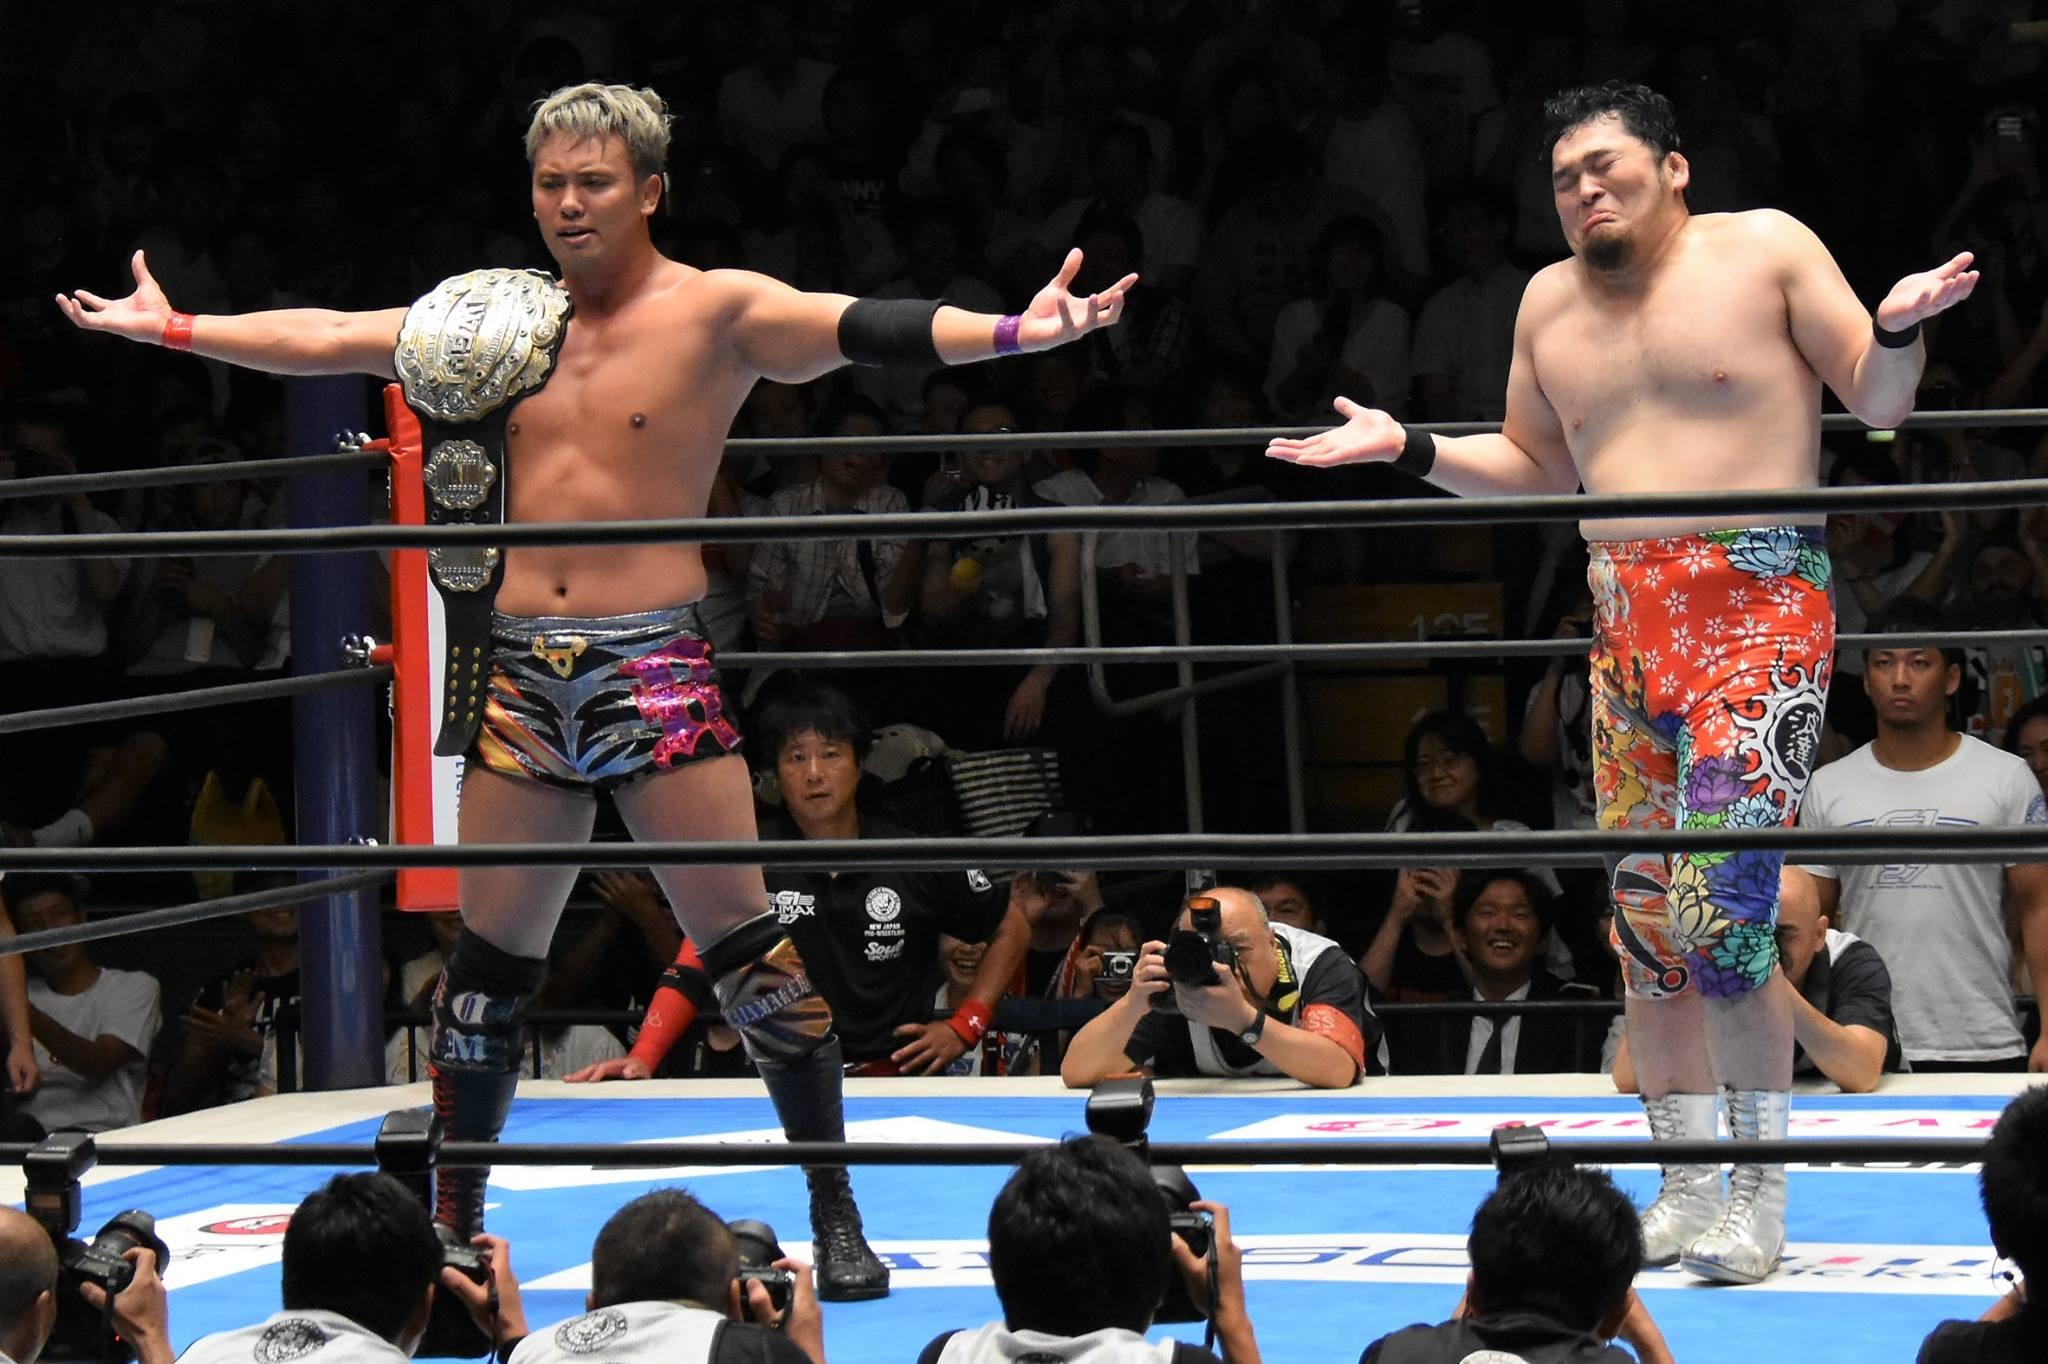 【新日本プロレス】「G1 CLIMAX 27」Bブロック公式戦 CHAOS同門対決はオカダが策士矢野からレッドインクでギブアップを奪う!